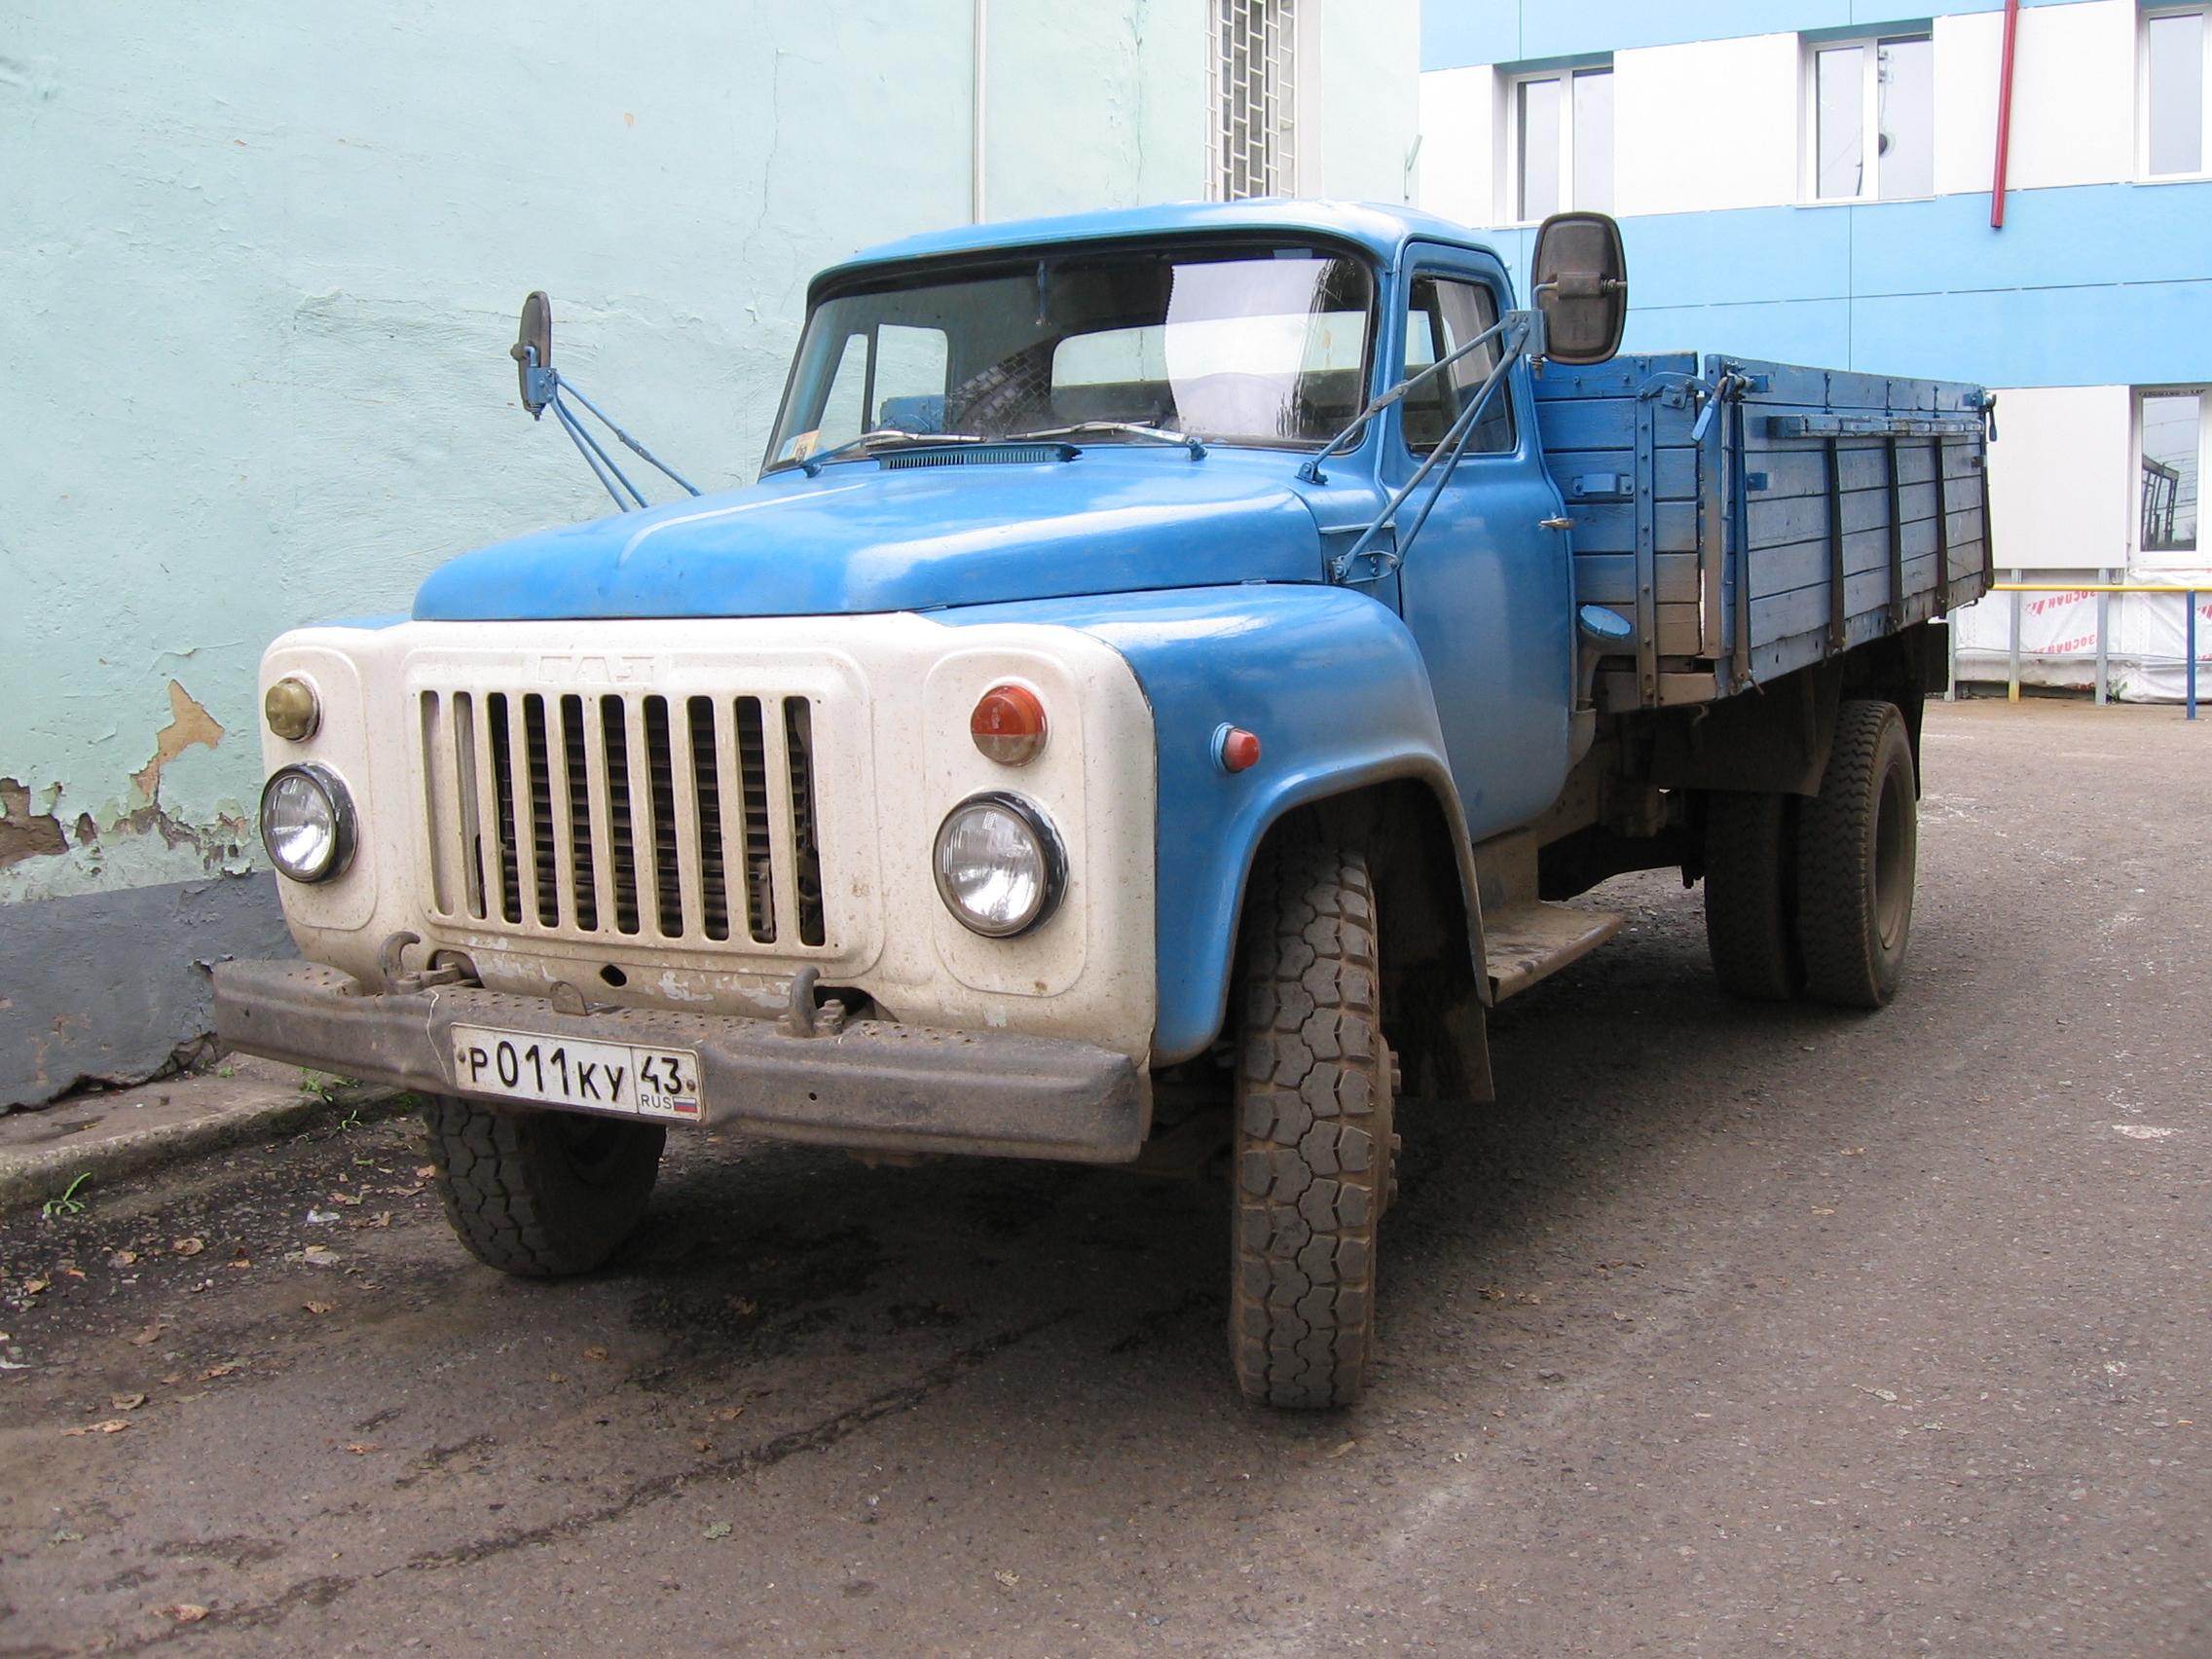 Внешний вид ГАЗ-53